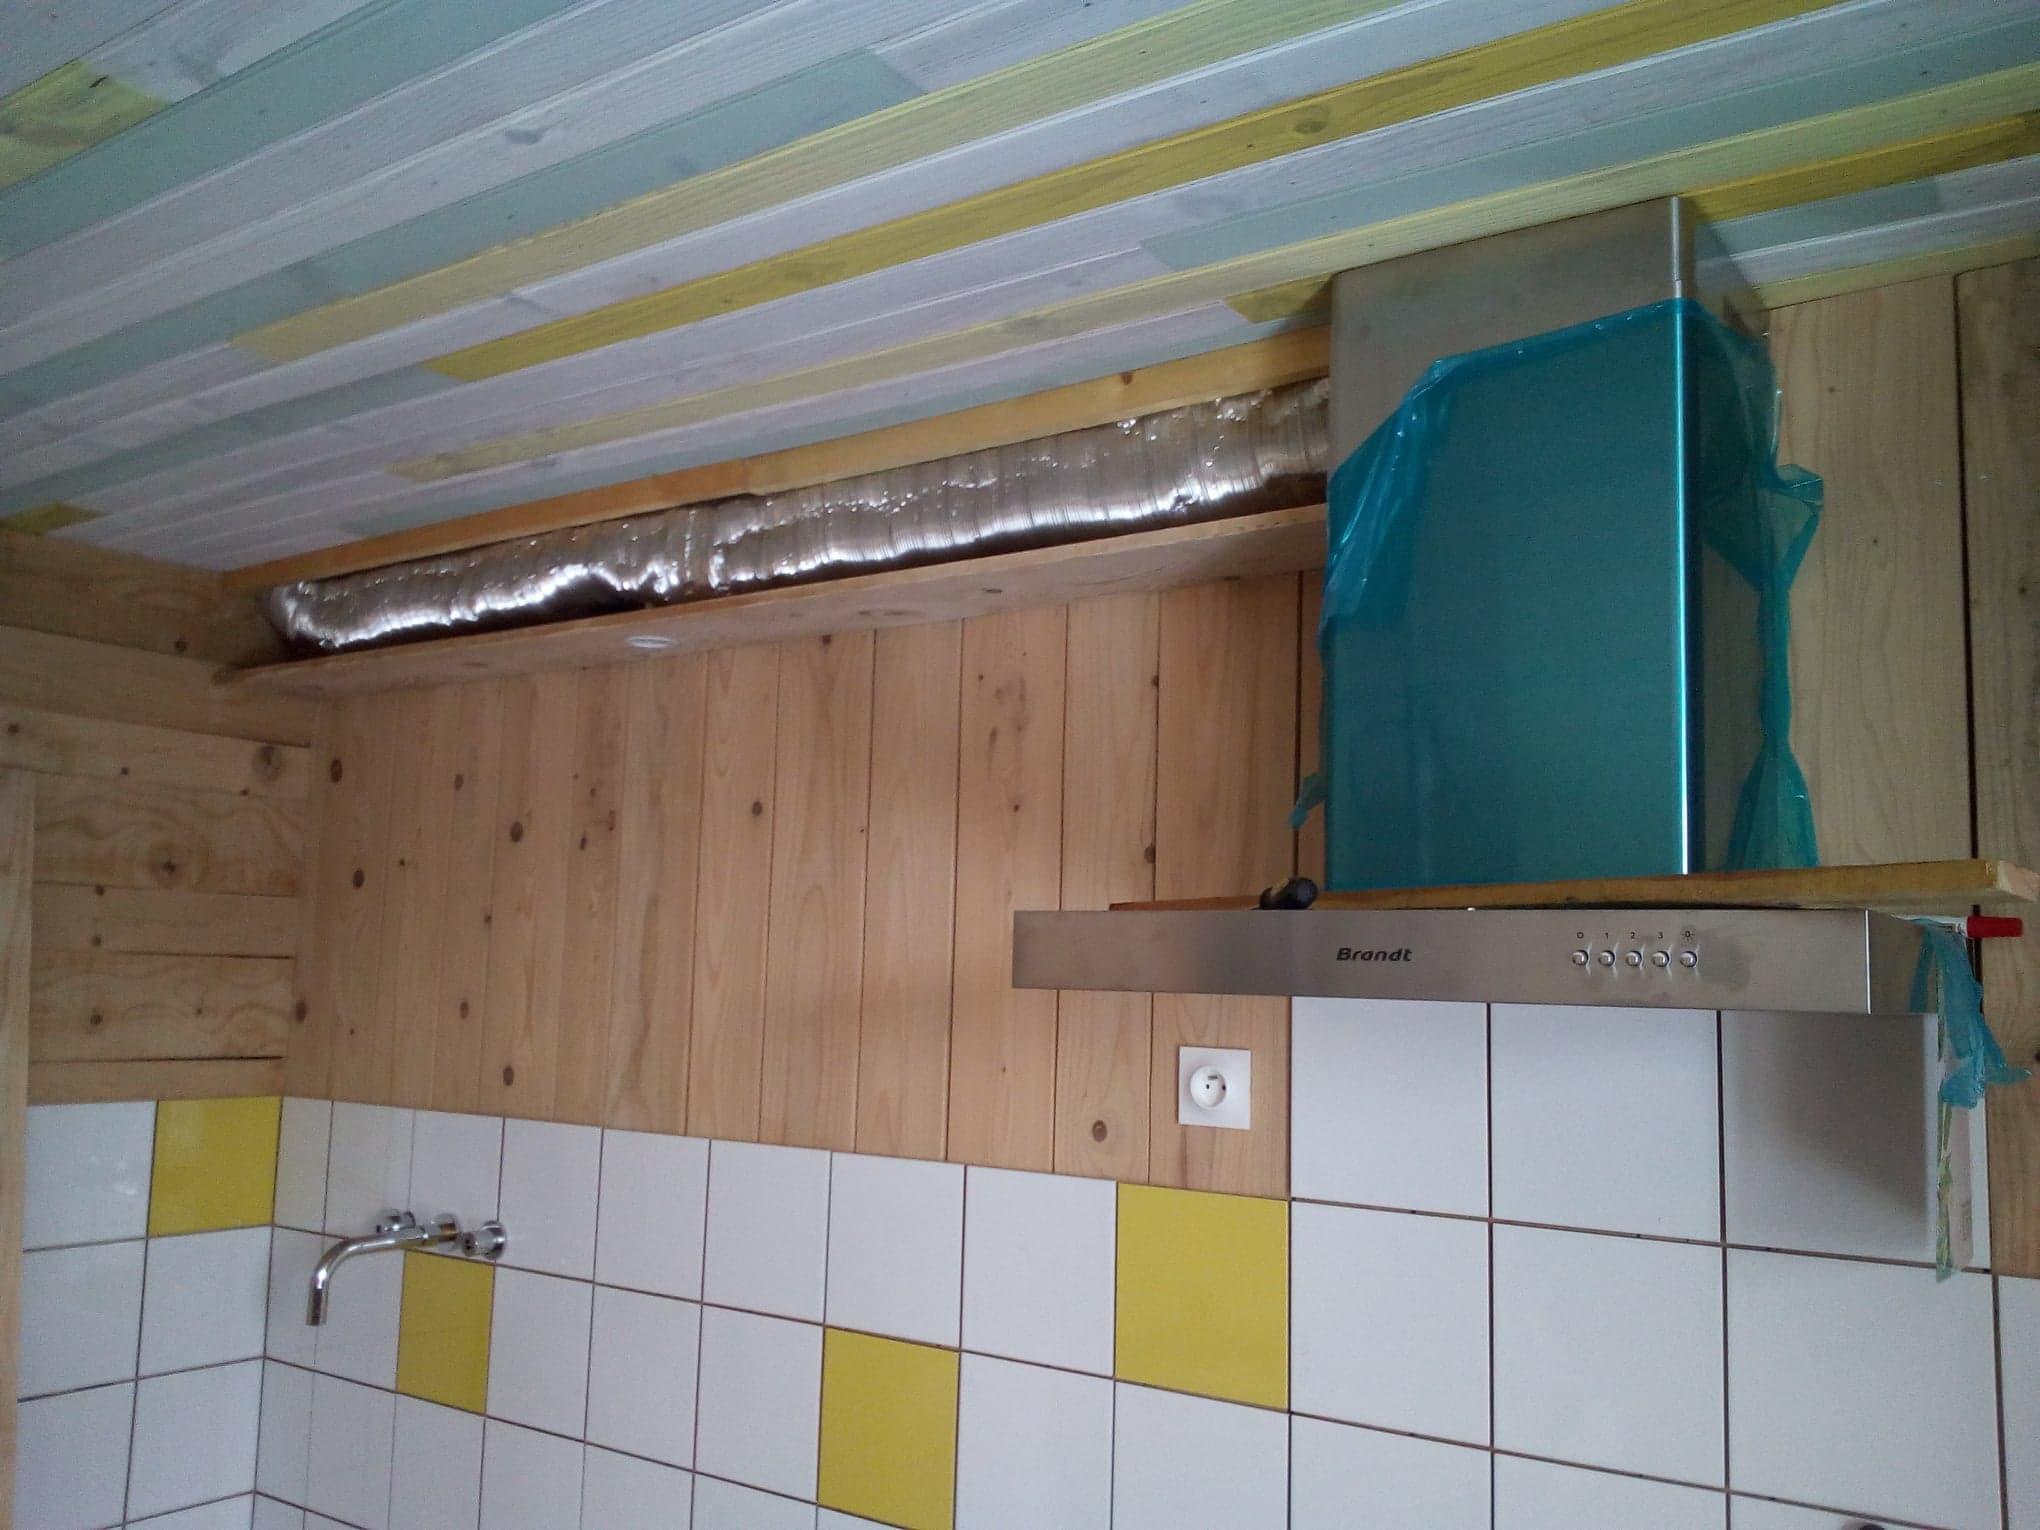 Janvier 2019 : installation de la hotte et plomberie de la cuisine